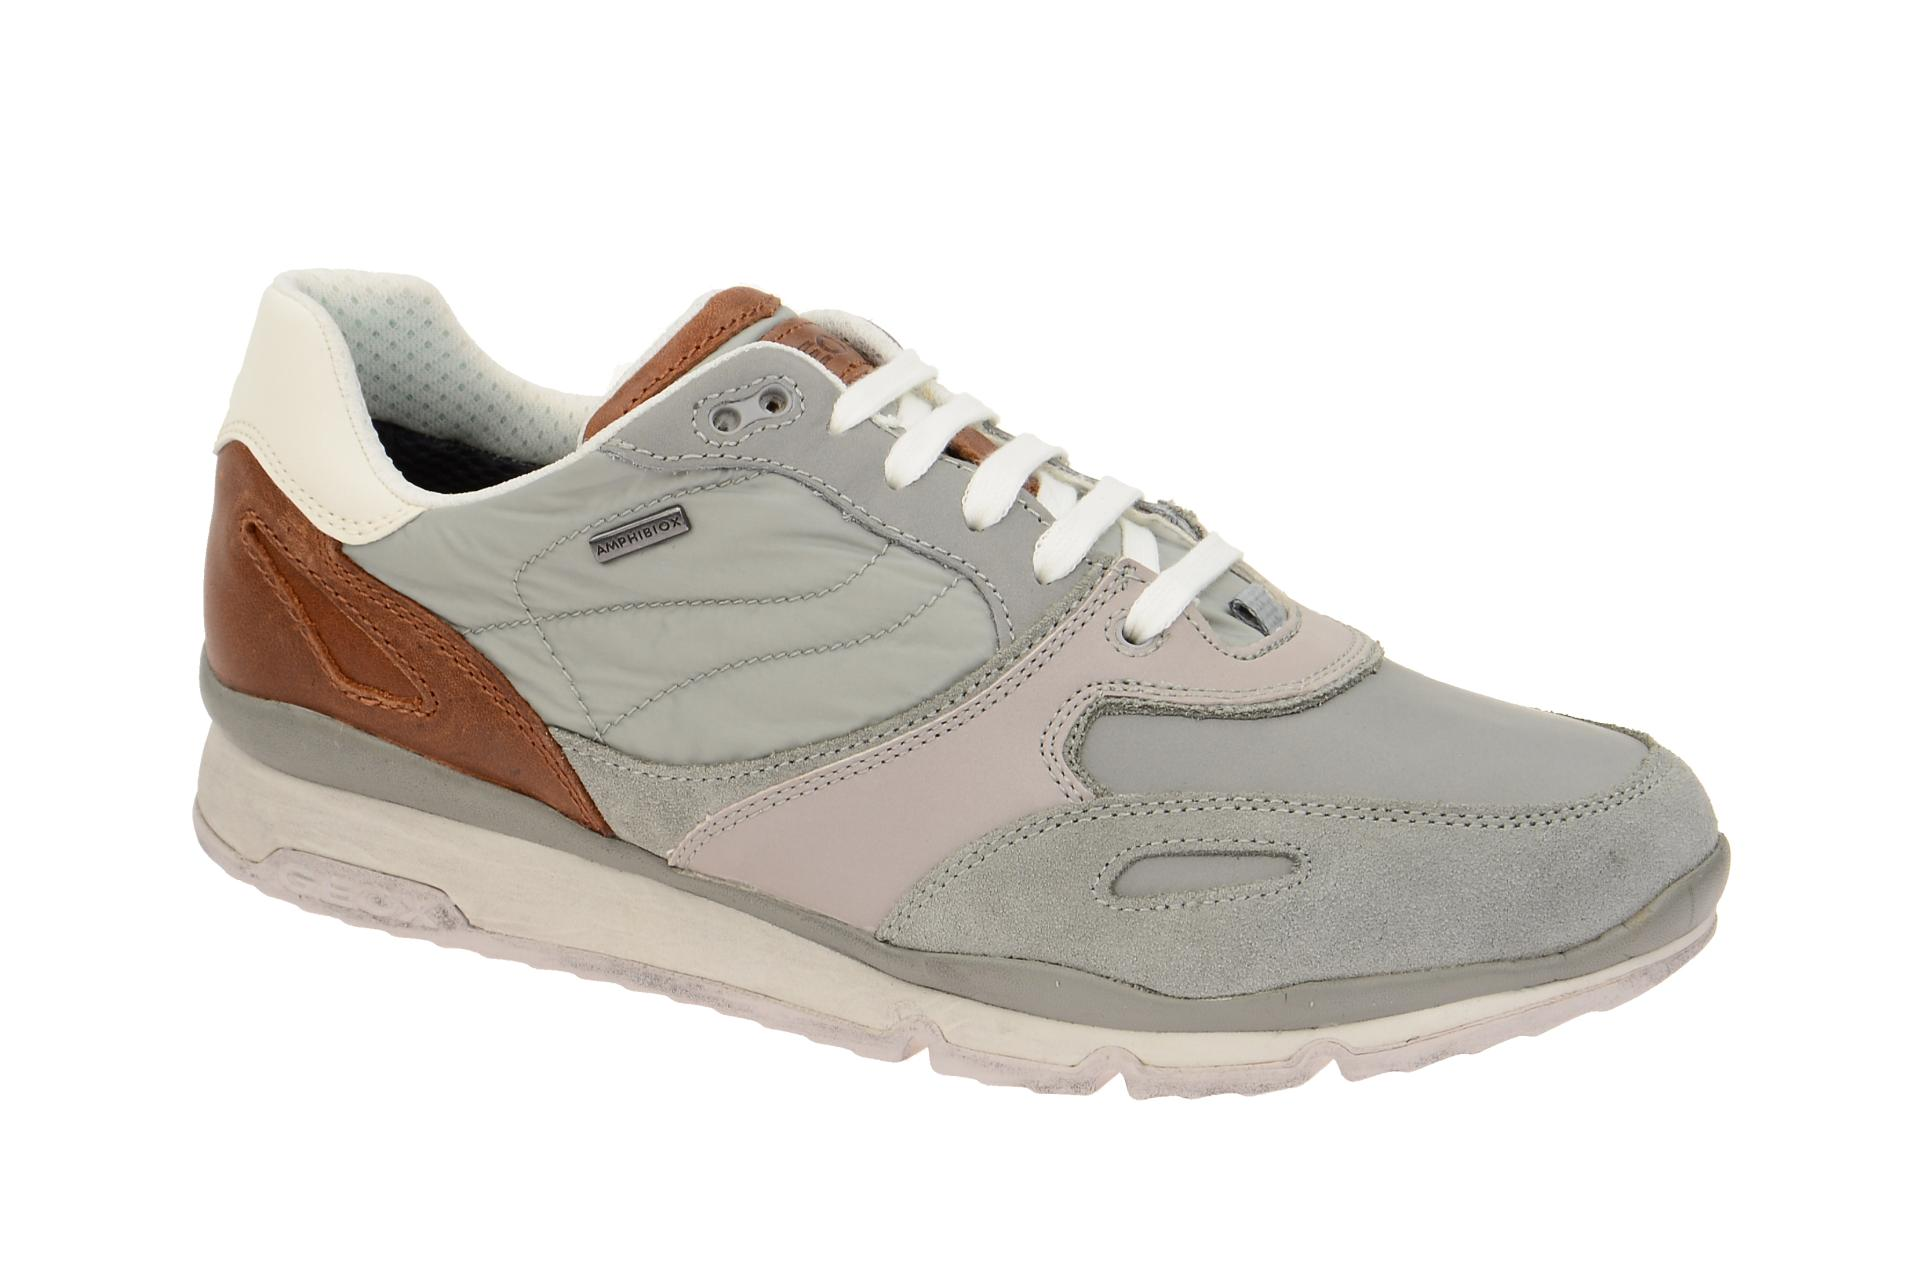 Geox Sandro Schuhe schwarz grau Wasserdicht U44S7A Best Store